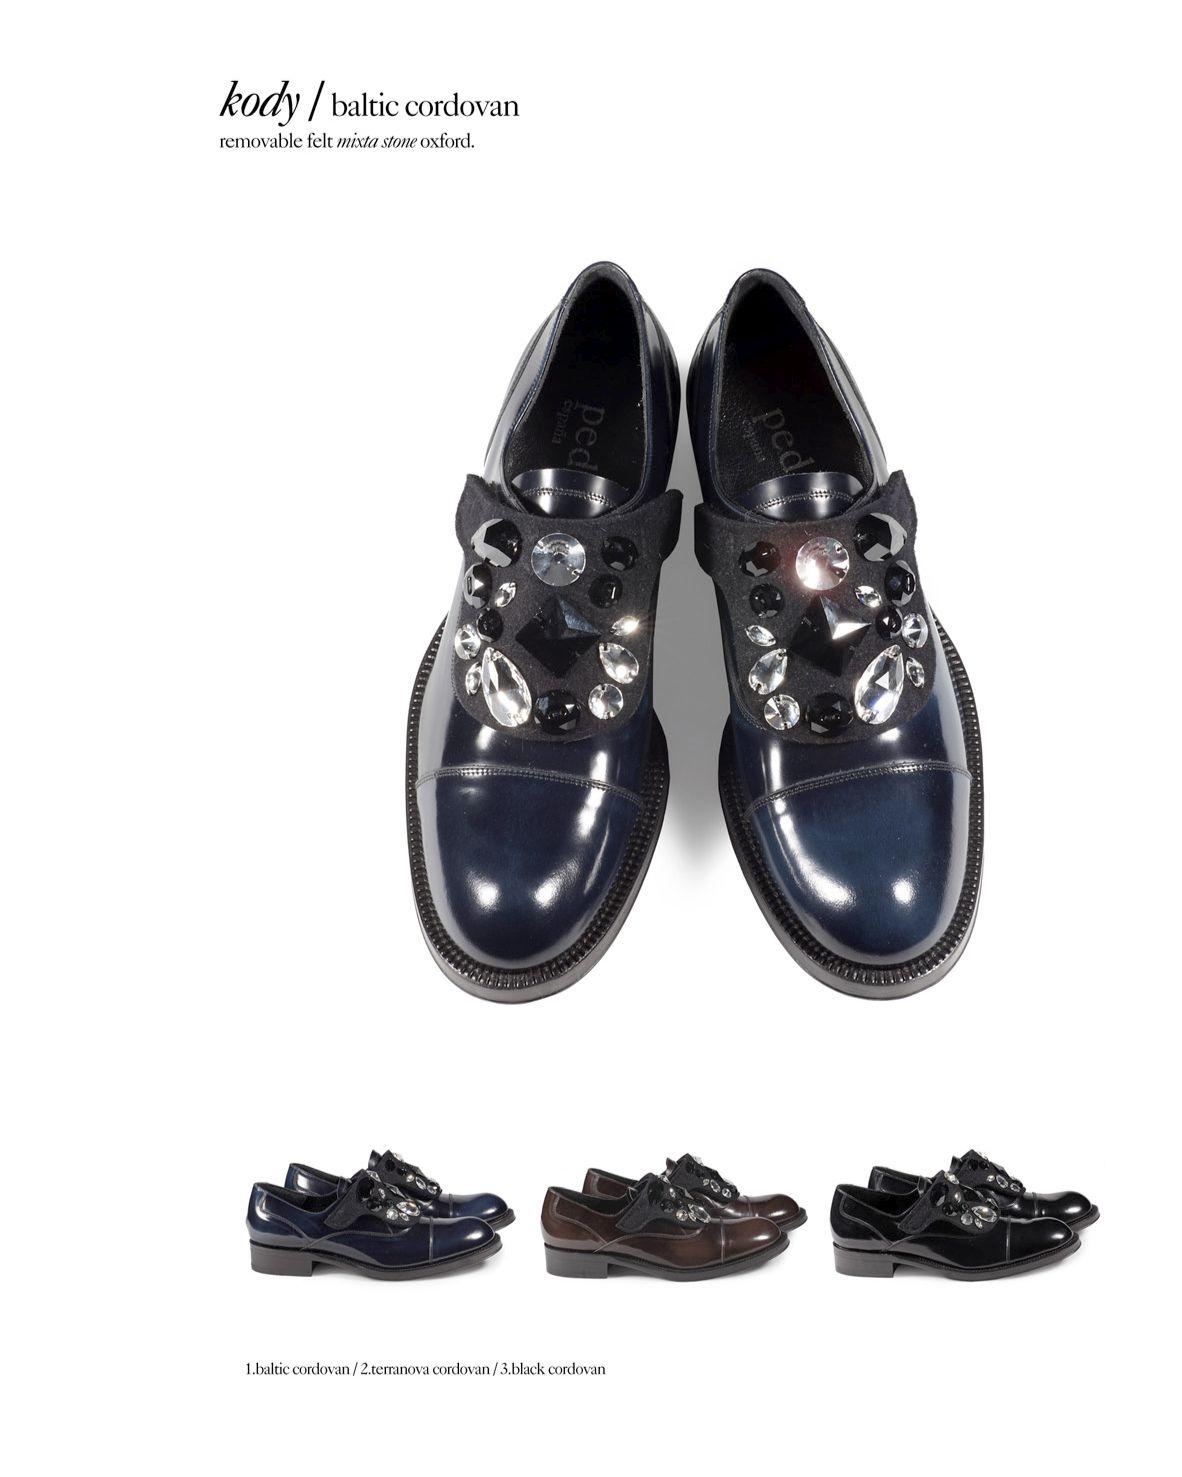 luxury shoes online shop